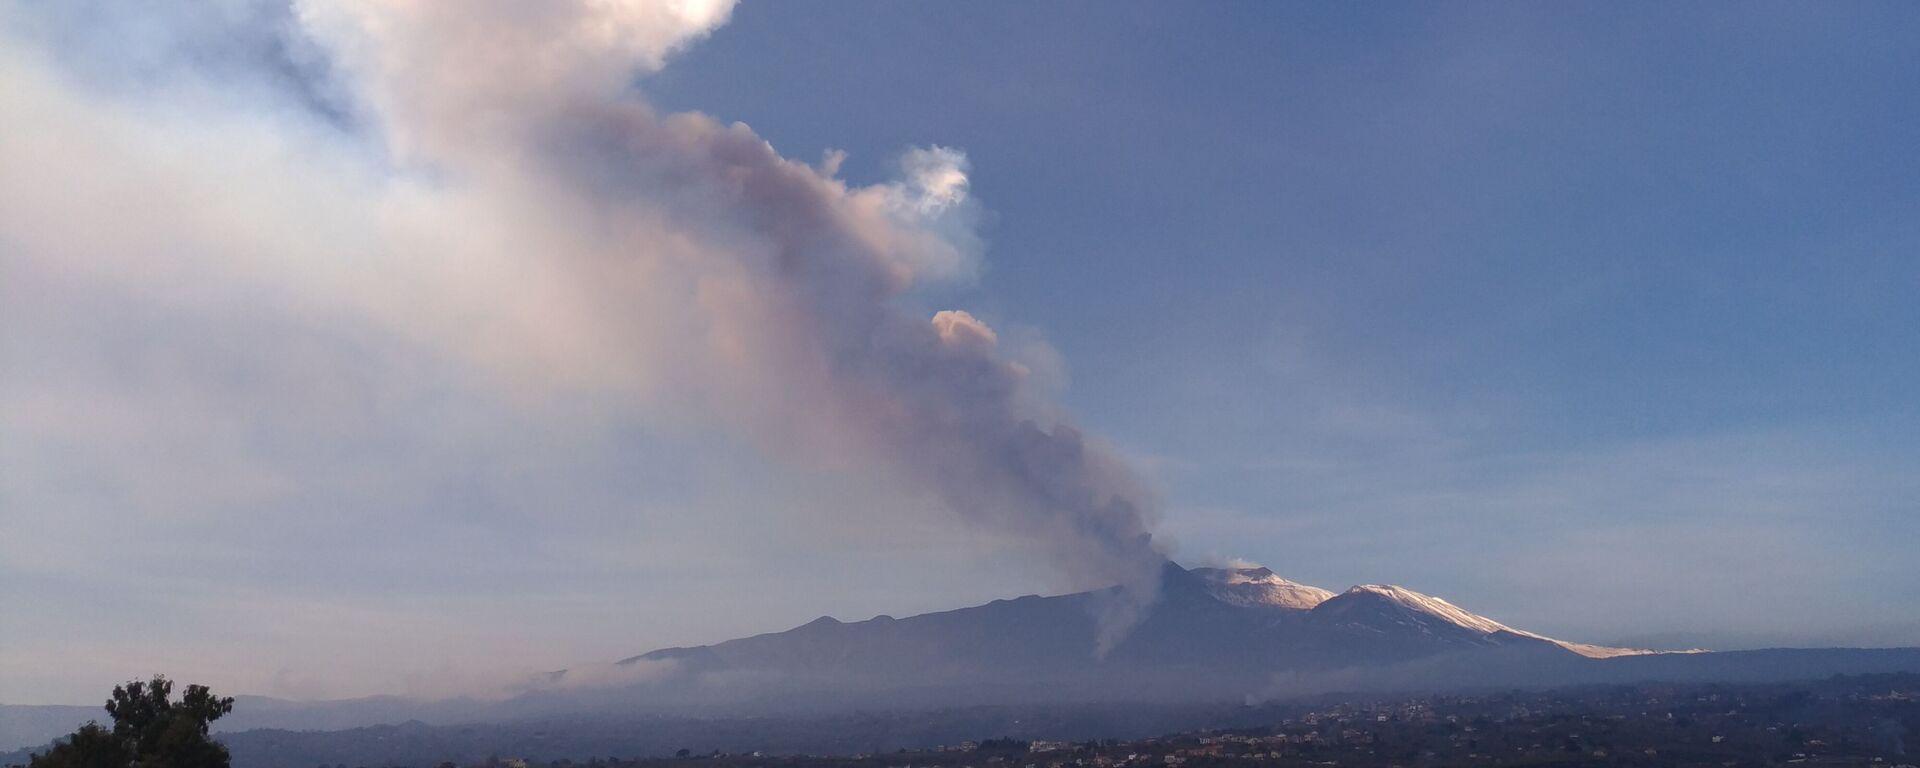 L'eruzione dell'Etna in Sicilia - Sputnik Italia, 1920, 27.05.2021